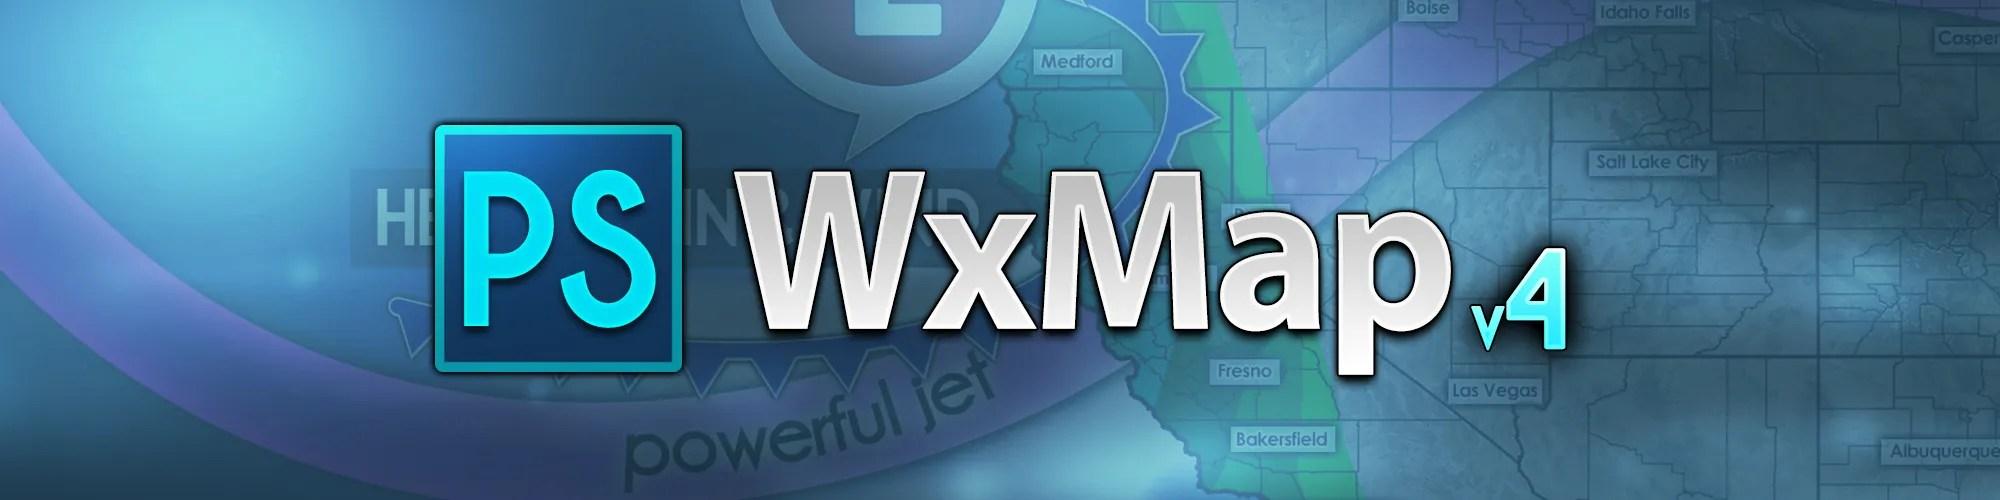 WxMap-v4-Banner